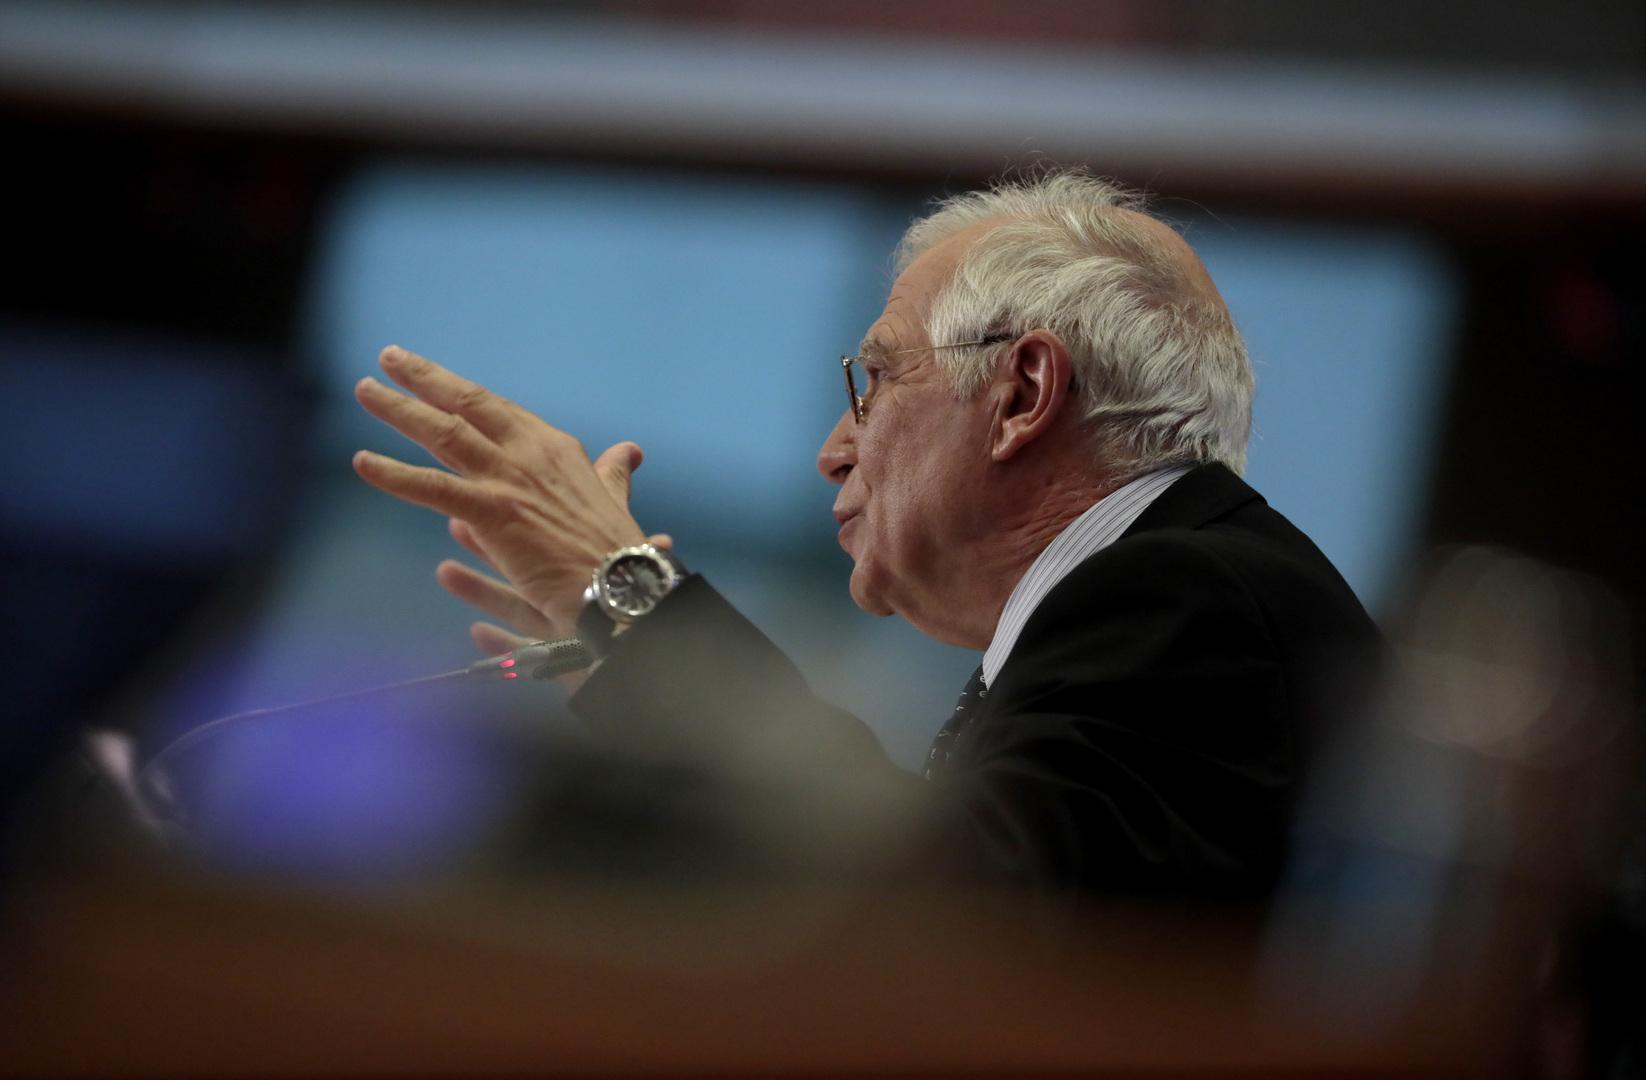 بوريل: قرار أستراليا إلغاء صفقة الغواصات مع فرنسا عقلاني